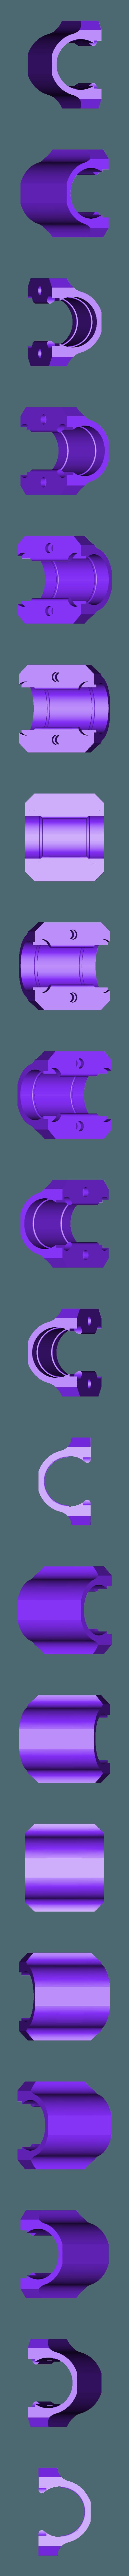 RJMP (16mm) Holder Y-Axis Prusa i3 MK3.stl Download STL file RJMP 01-08 Igus Holder for Prusa i3 MK3 • 3D printer design, mill0maker